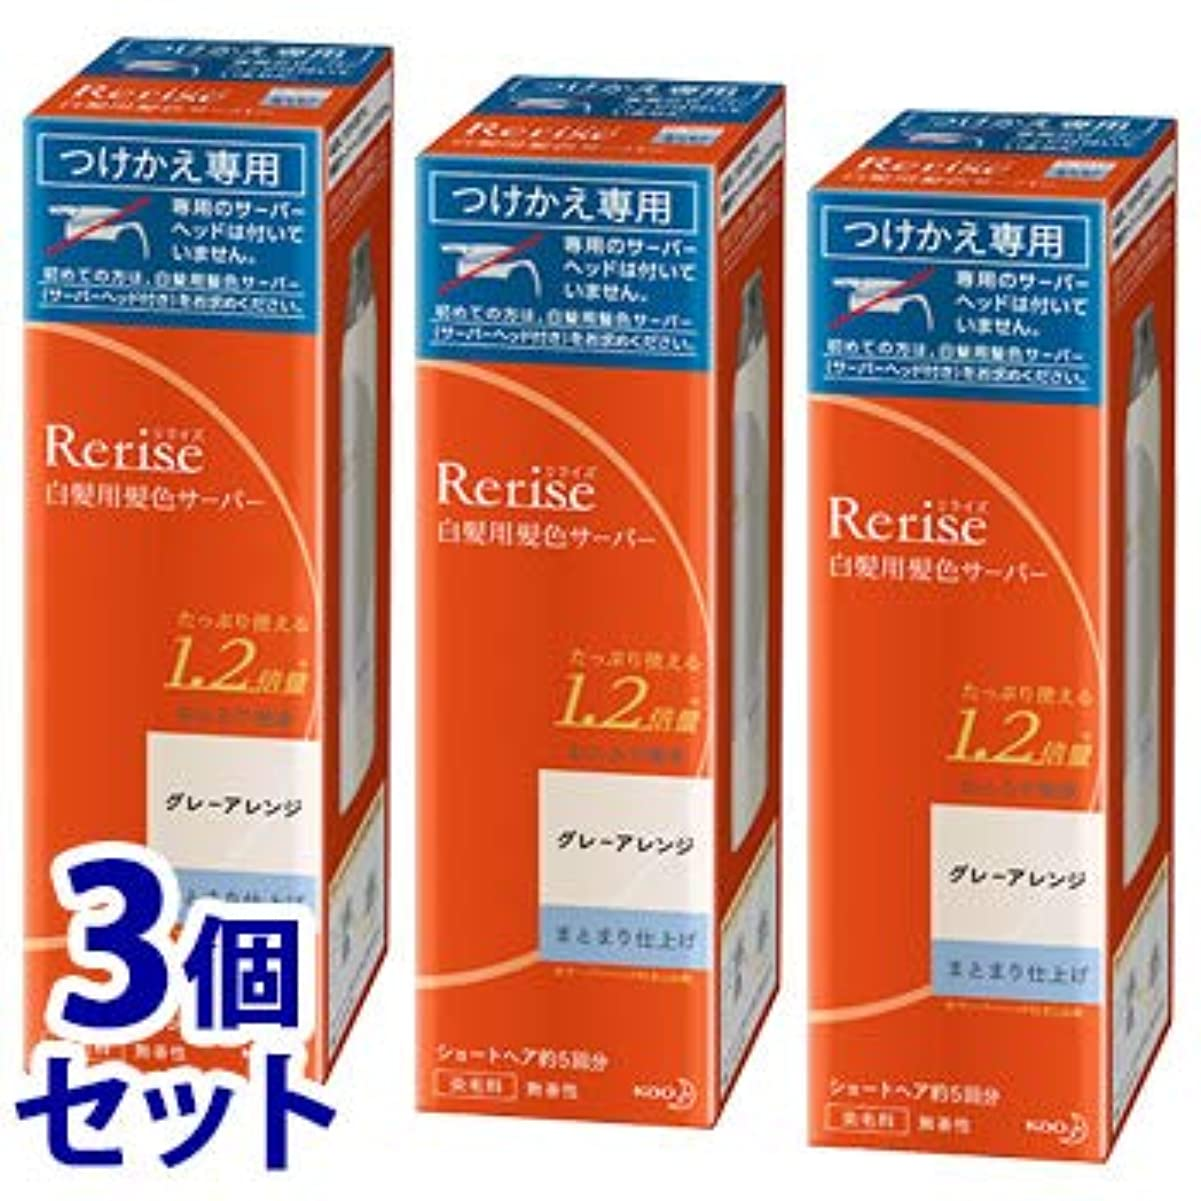 各義務付けられたライブ《セット販売》 花王 リライズ 白髪用髪色サーバー グレーアレンジ まとまり仕上げ つけかえ用 (190g)×3個セット 付け替え用 染毛料